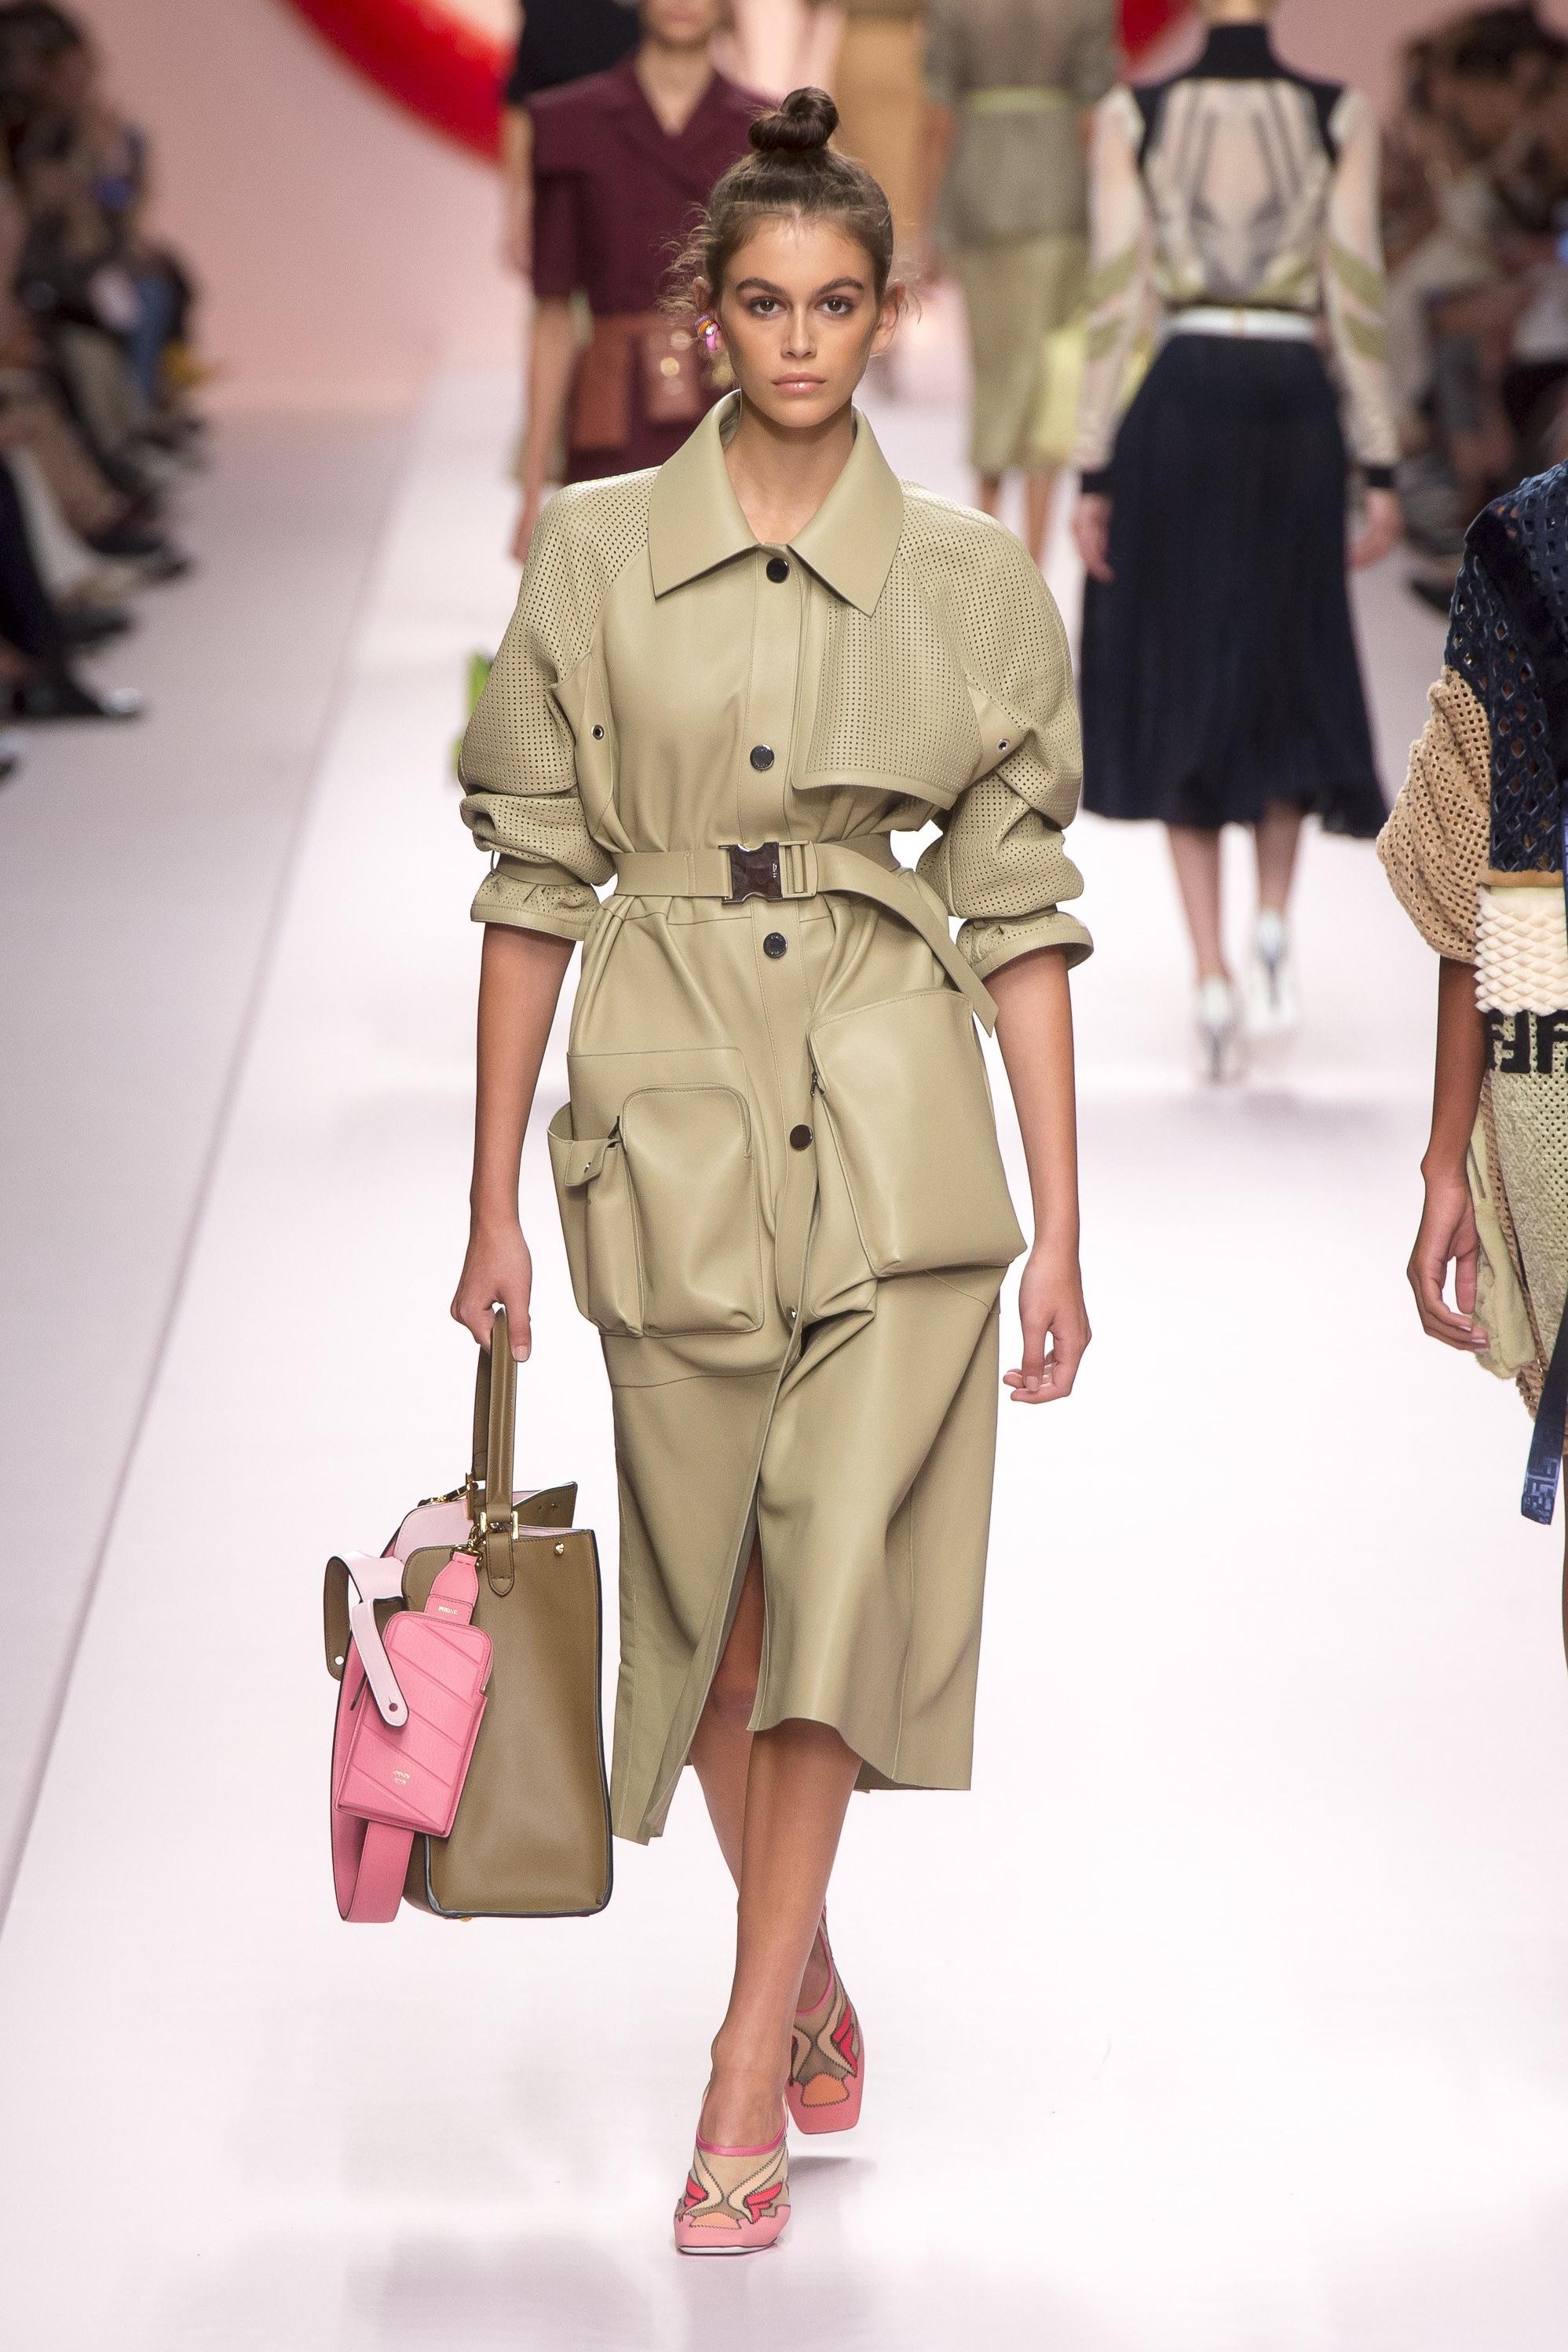 Fendi Ready-to-Wear Spring/Summer 2019